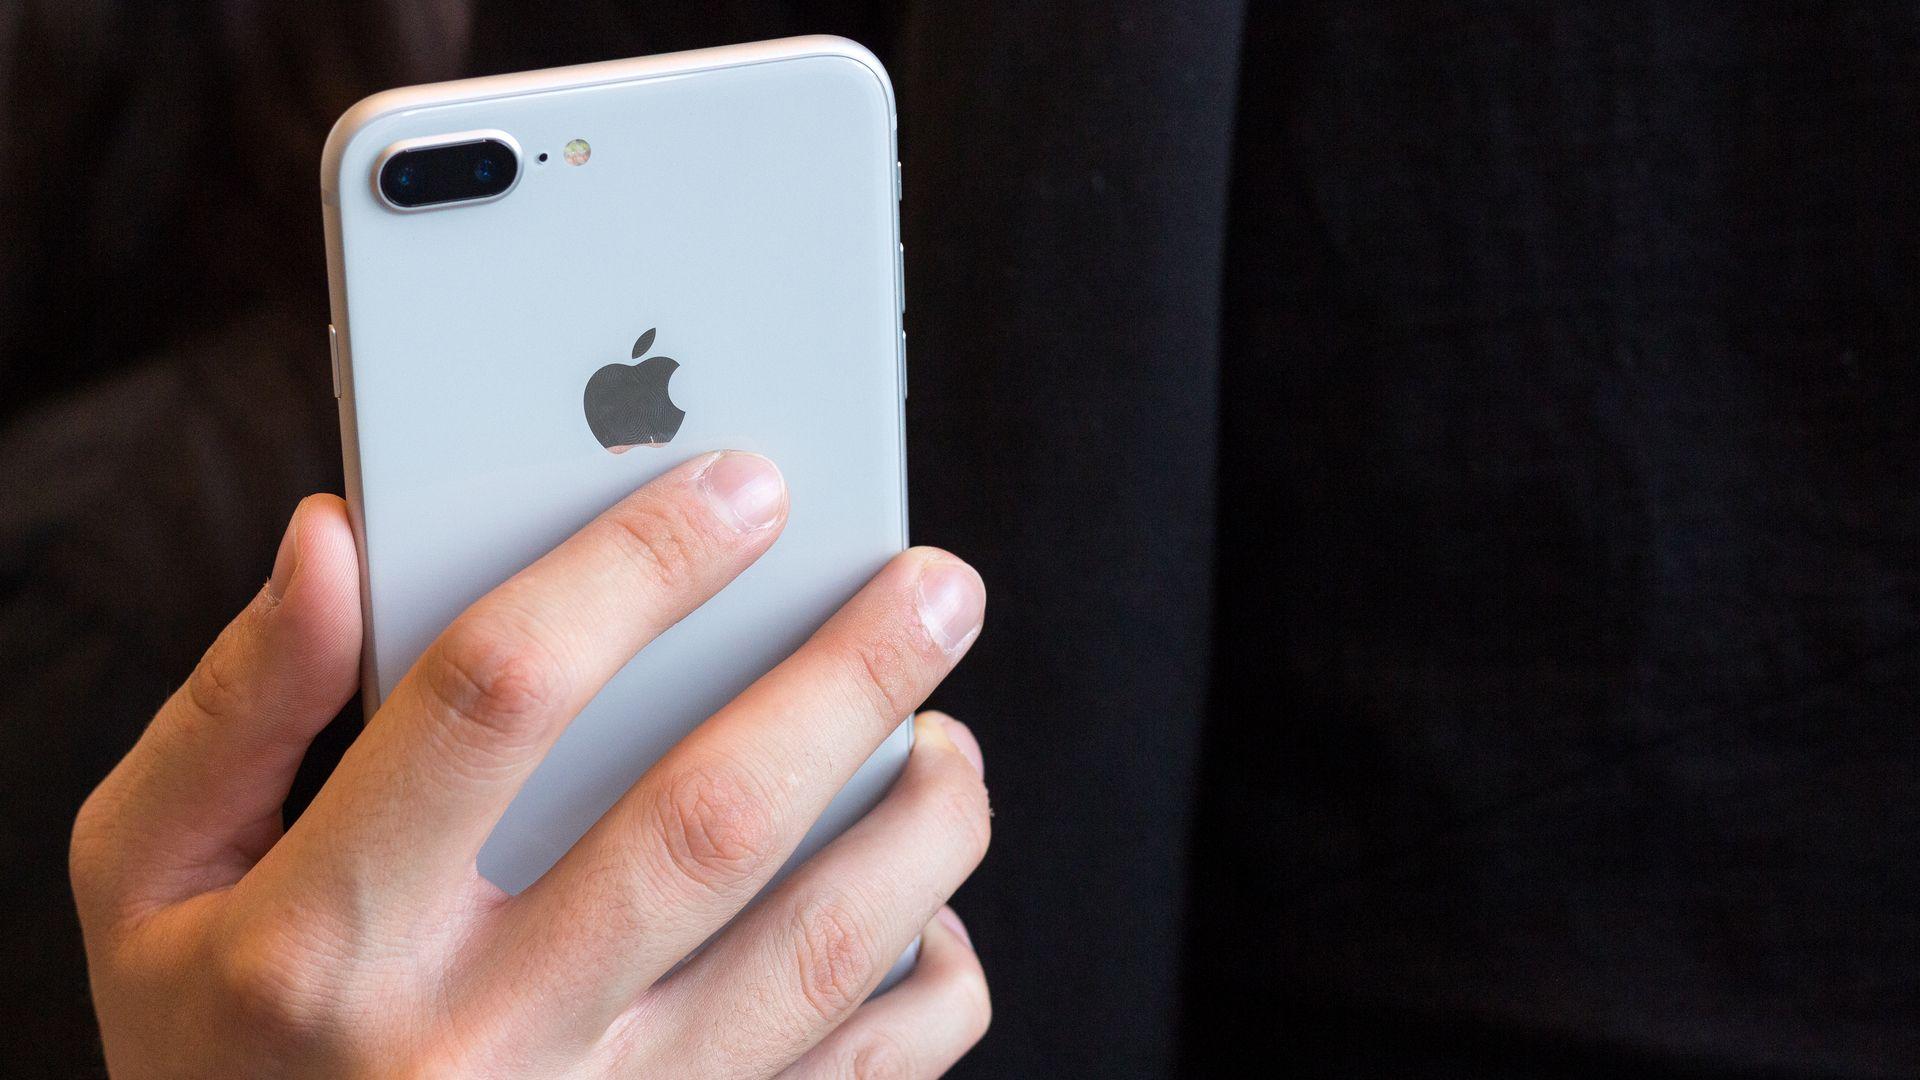 iPhone 8 Plus tem design antigo e câmera dupla. (Imagem: Martin Grincevschi/Shutterstock)